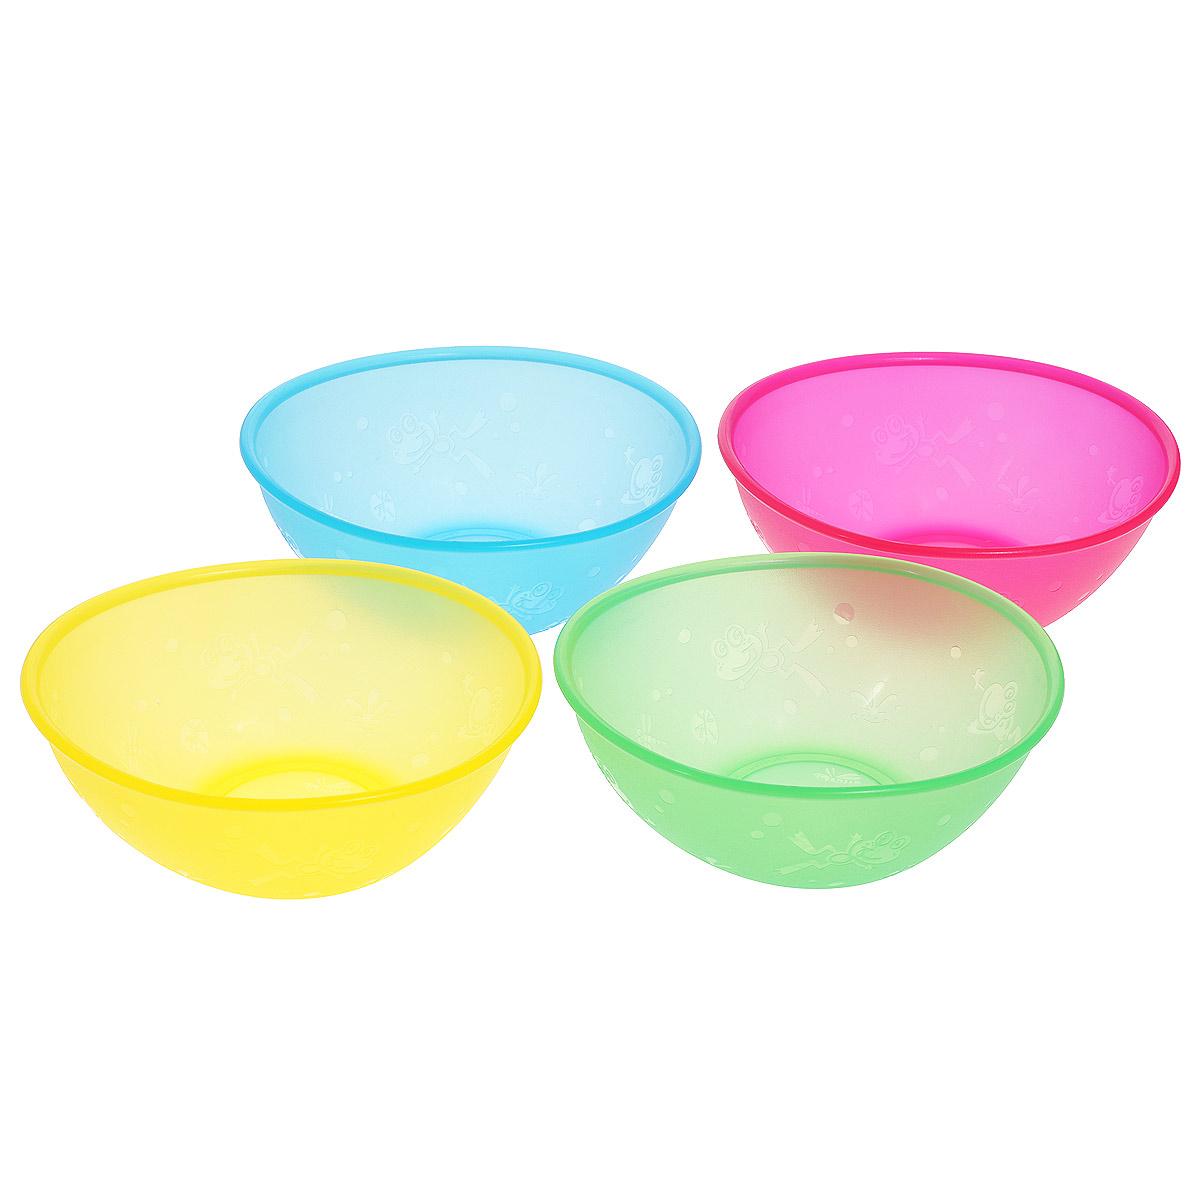 Набор тарелок Nuby, 12 см х 14 см, 4 штКРС 350Набор Nuby включает 4 овальных разноцветных тарелки, изготовленных из высококачественного пищевого пластика (не содержит бисфенол А). Внешние стенки оформлены рельефом в виде лягушат и стрекоз. Нескользящее покрытие придает тарелкам большую устойчивость. Тарелки достаточно глубокие, они прекрасно подходят и для вторых блюд, и для супов, и для каш. Также подходят для кормления. Для детей с 6-ти месяцев. Разные цвета помогут создать праздник для вашего малыша. Можно использовать во время пикника.Можно мыть в посудомоечной машине и ставить в СВЧ-печь. Размер тарелки (ДхШхВ): 12 см х 14 см х 5,5 см.